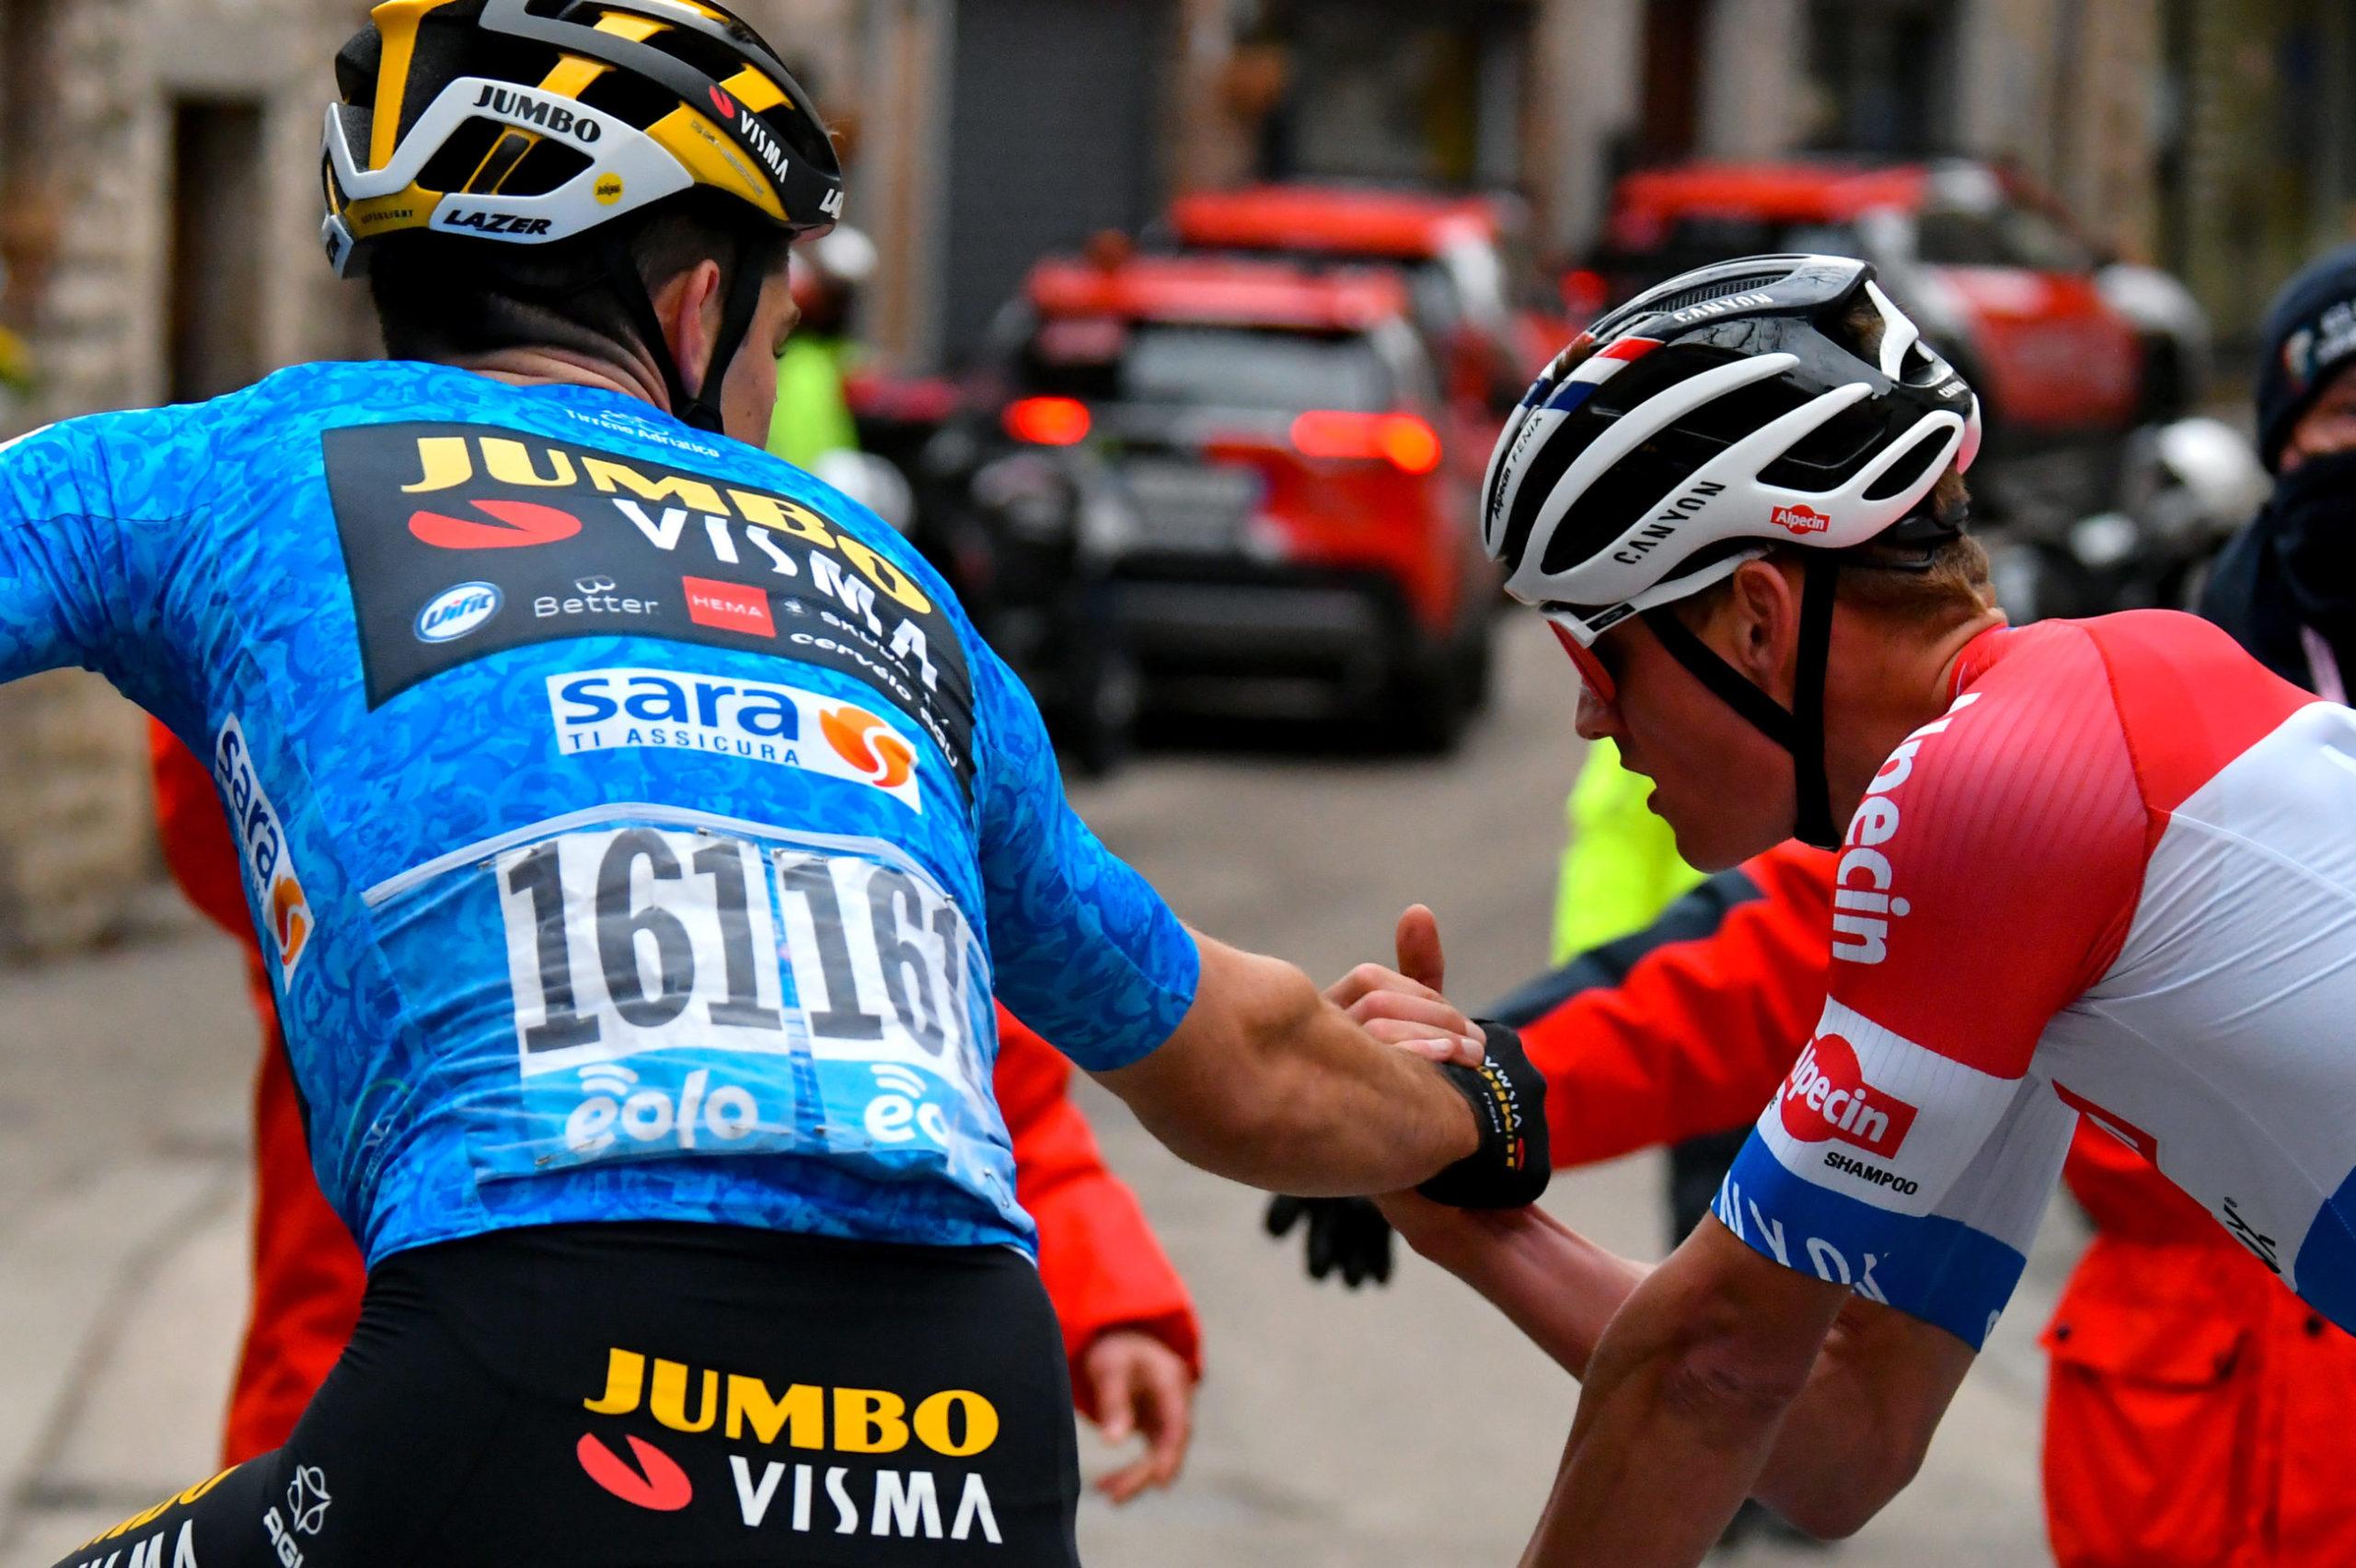 Den store duellen: Mathieu versus Wout